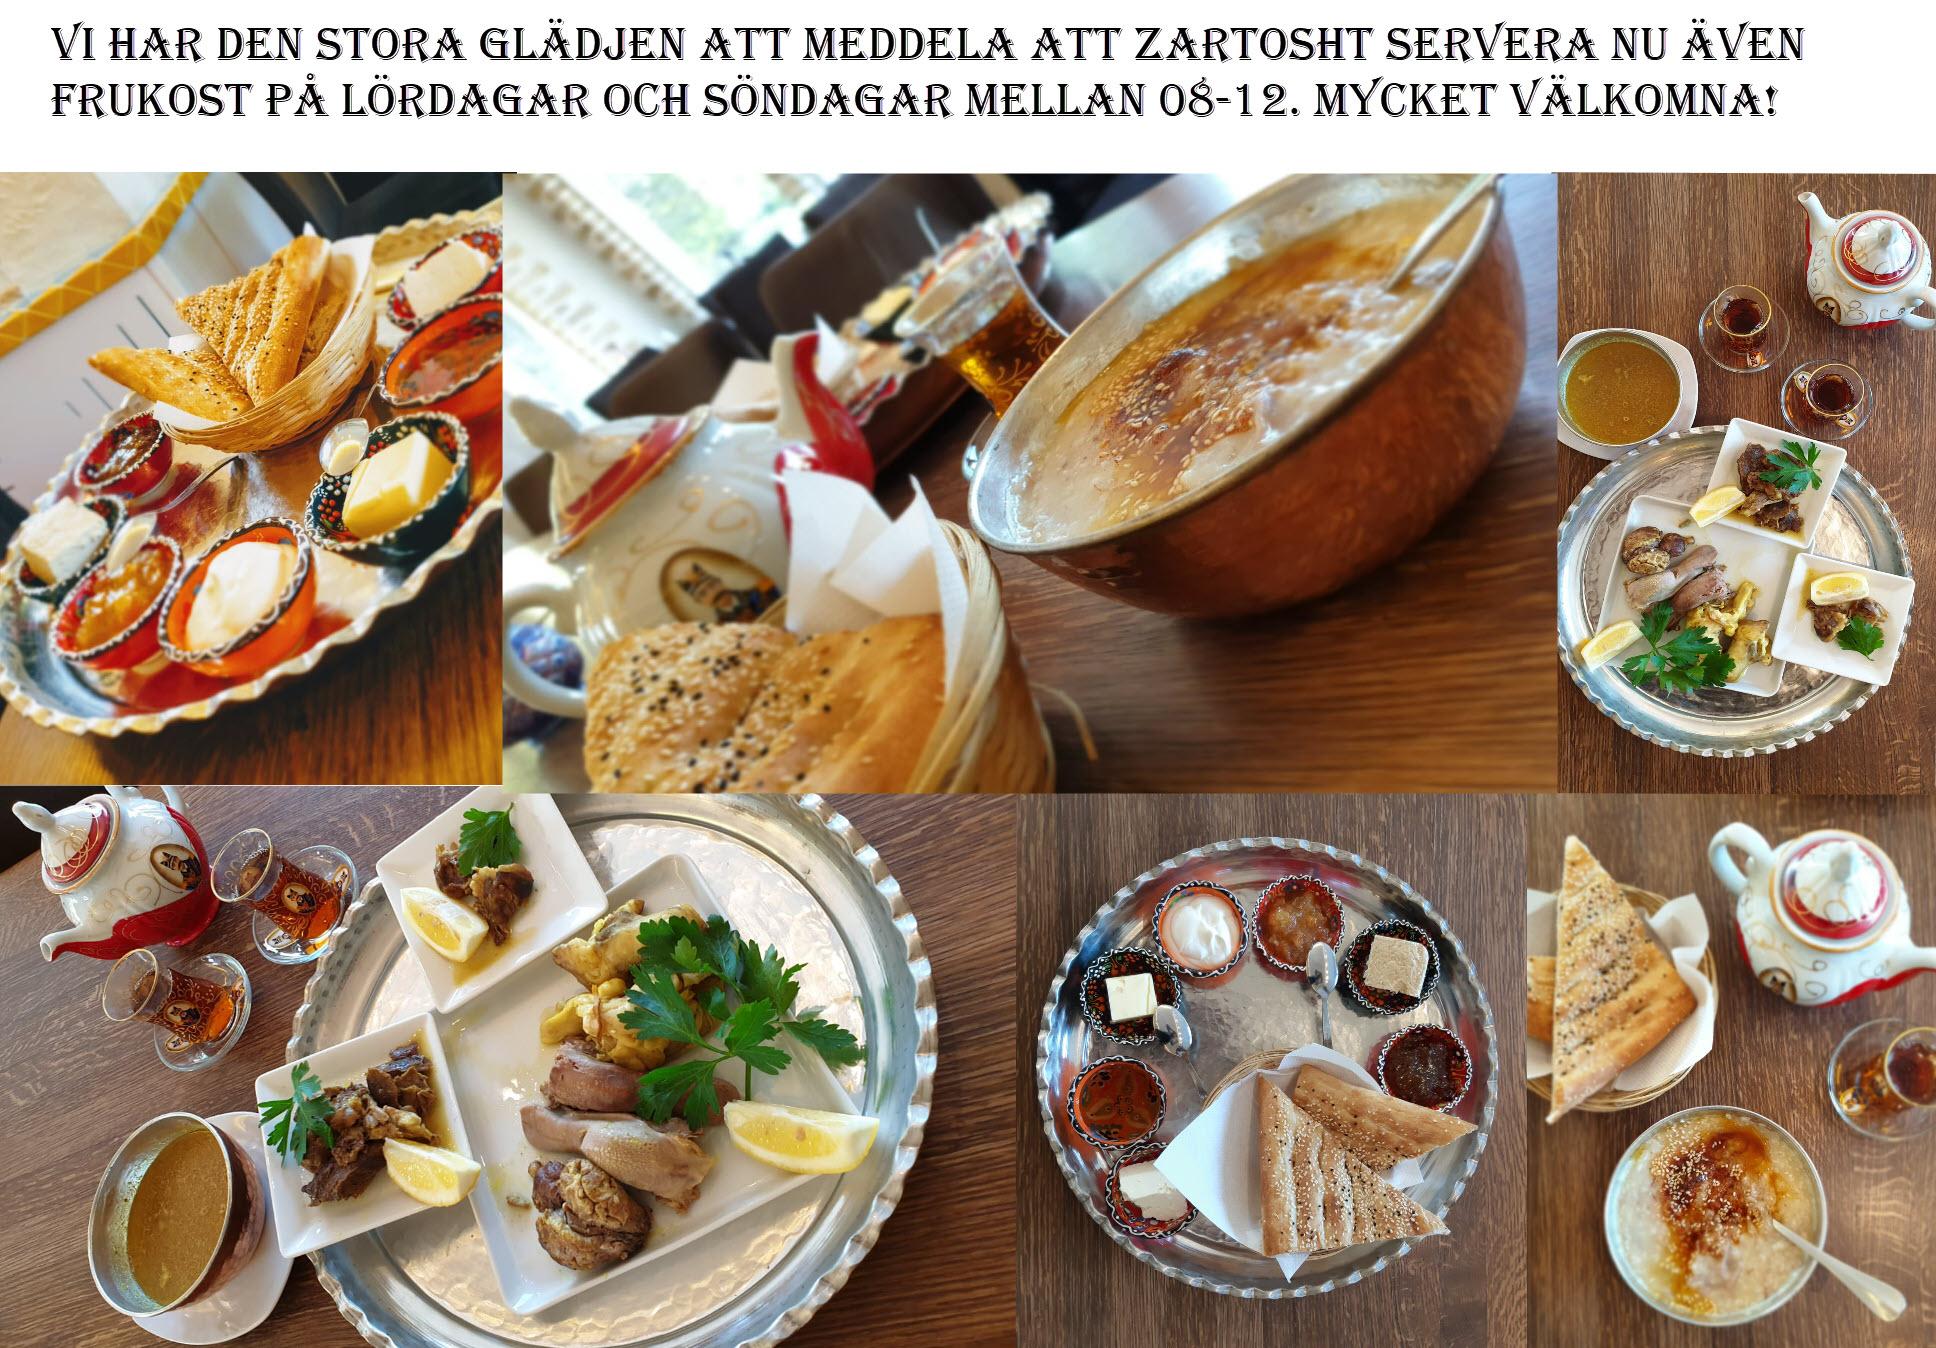 Vi har den stora glädjen att meddela att Zartosht servera nu även frukost på lördagar och söndagar mellan 08-12. Mycket välkomna!